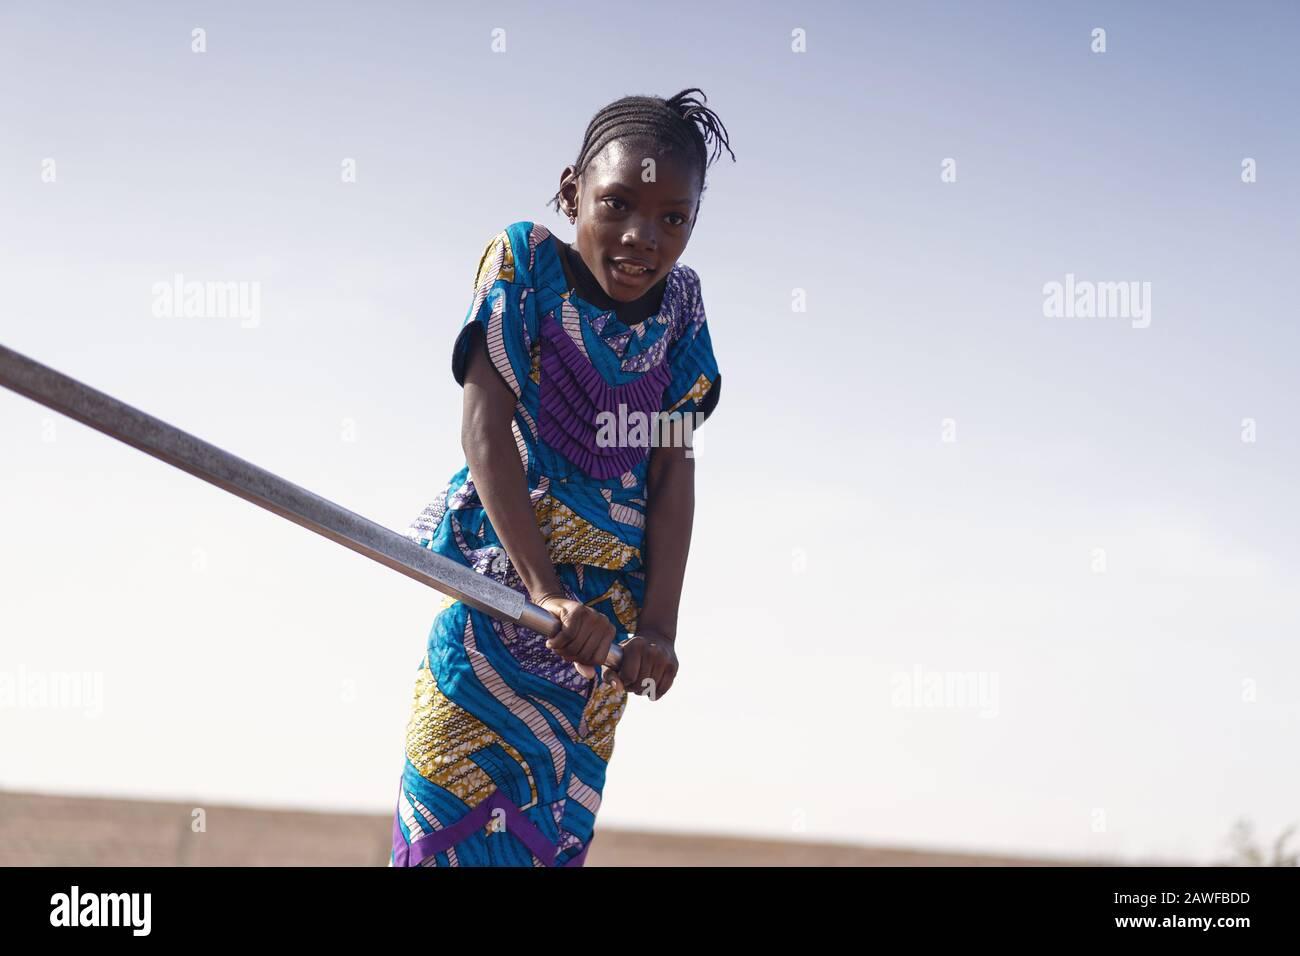 Joyeuse ethnicité africaine jeune femme Transportant de l'eau pure à Bamako Banque D'Images